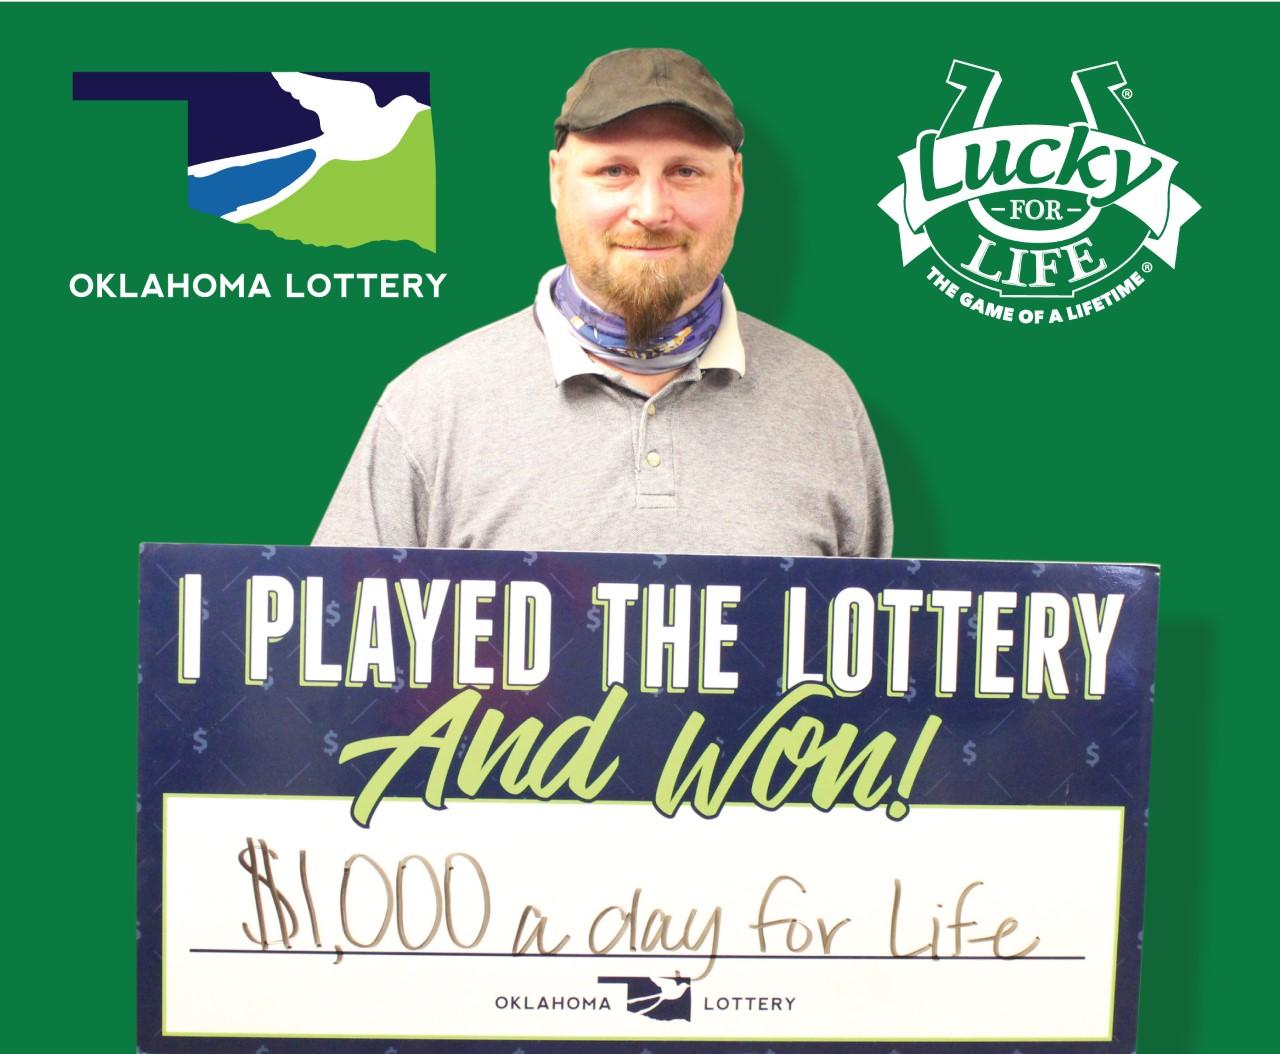 Jeremiah winning lottery